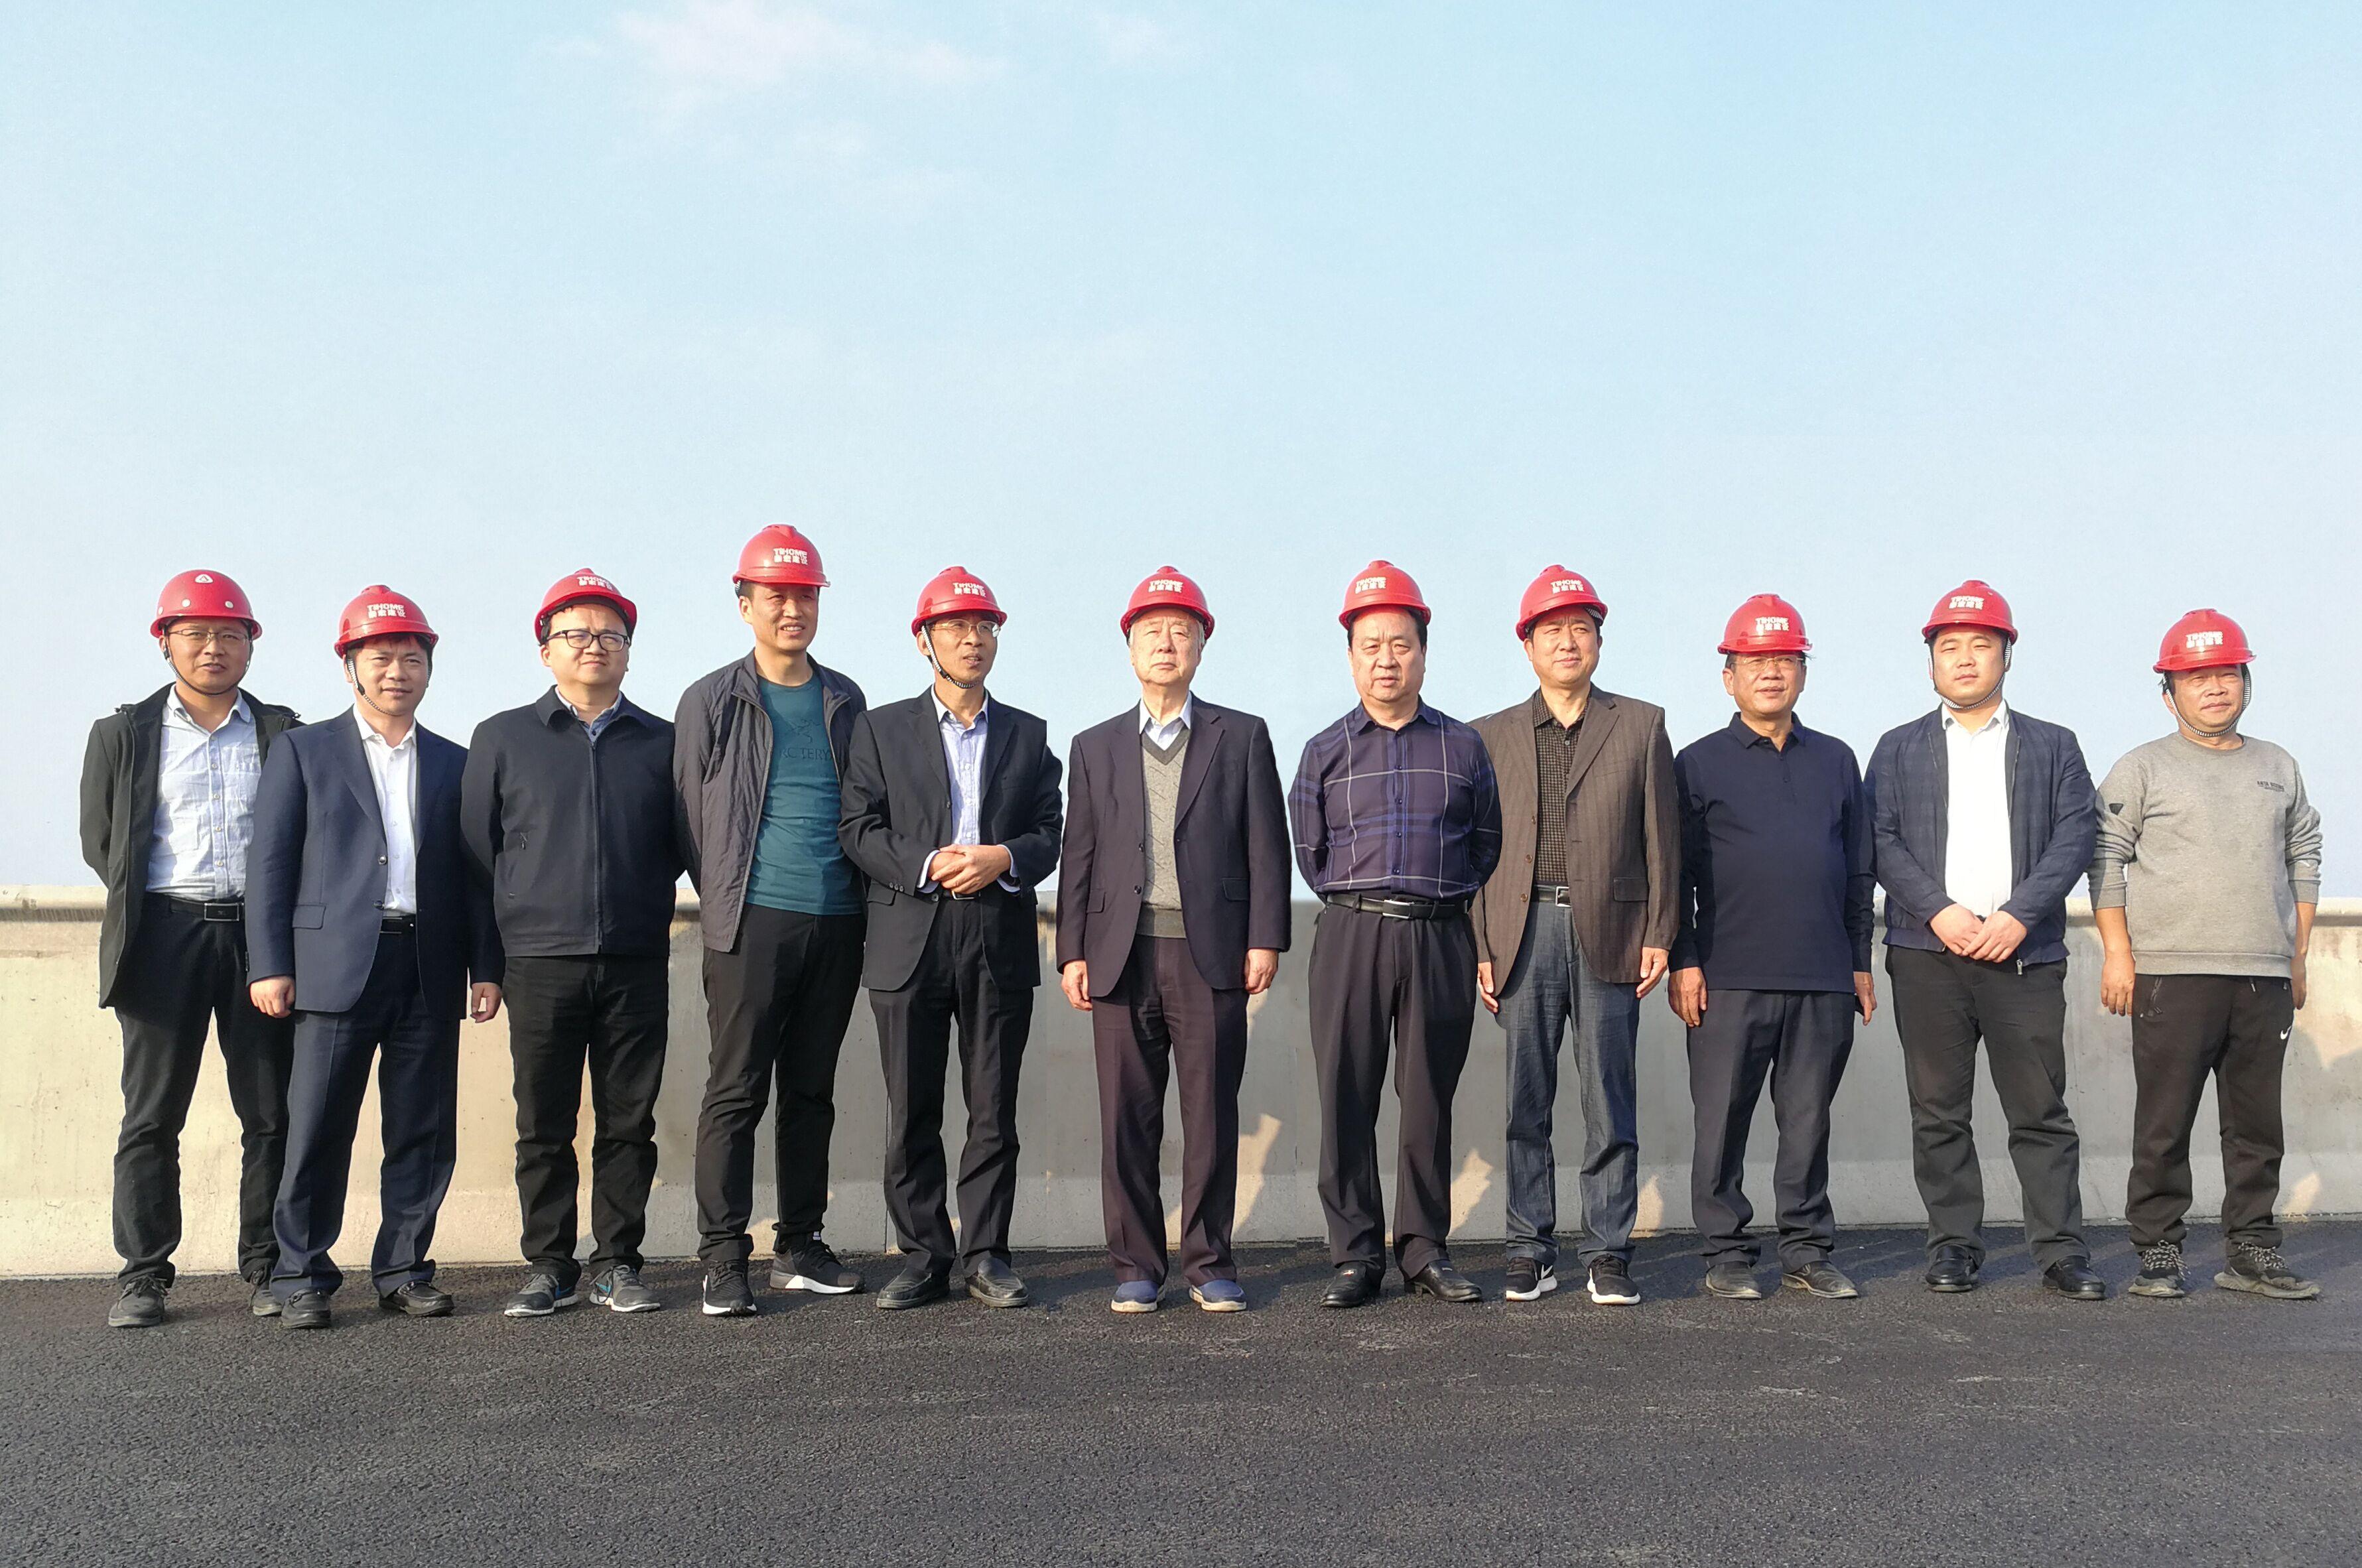 铁道部原常务副部长、中国工程院院士孙永福一行领导莅临泰宏考察指导工作